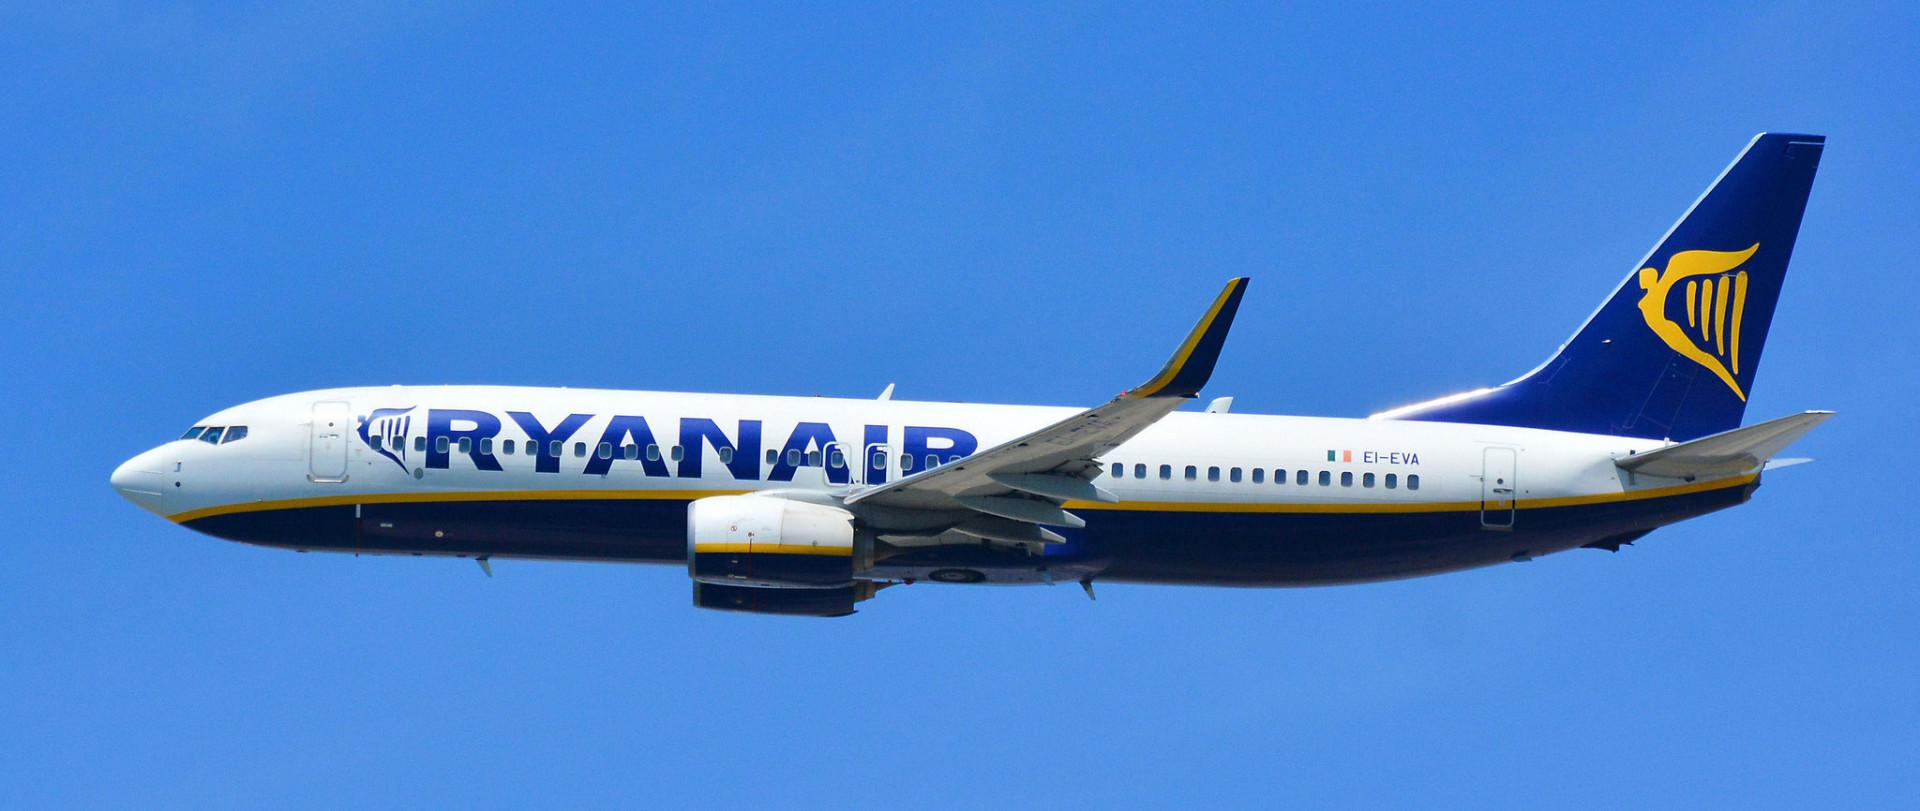 Samoloty Ryanair latają niemal nad całą Europą. Niedawno linia uruchomiła kolejne połączenia z Izraelem. (fot. Mike McBey/flickr.com/CC BY 2.0)